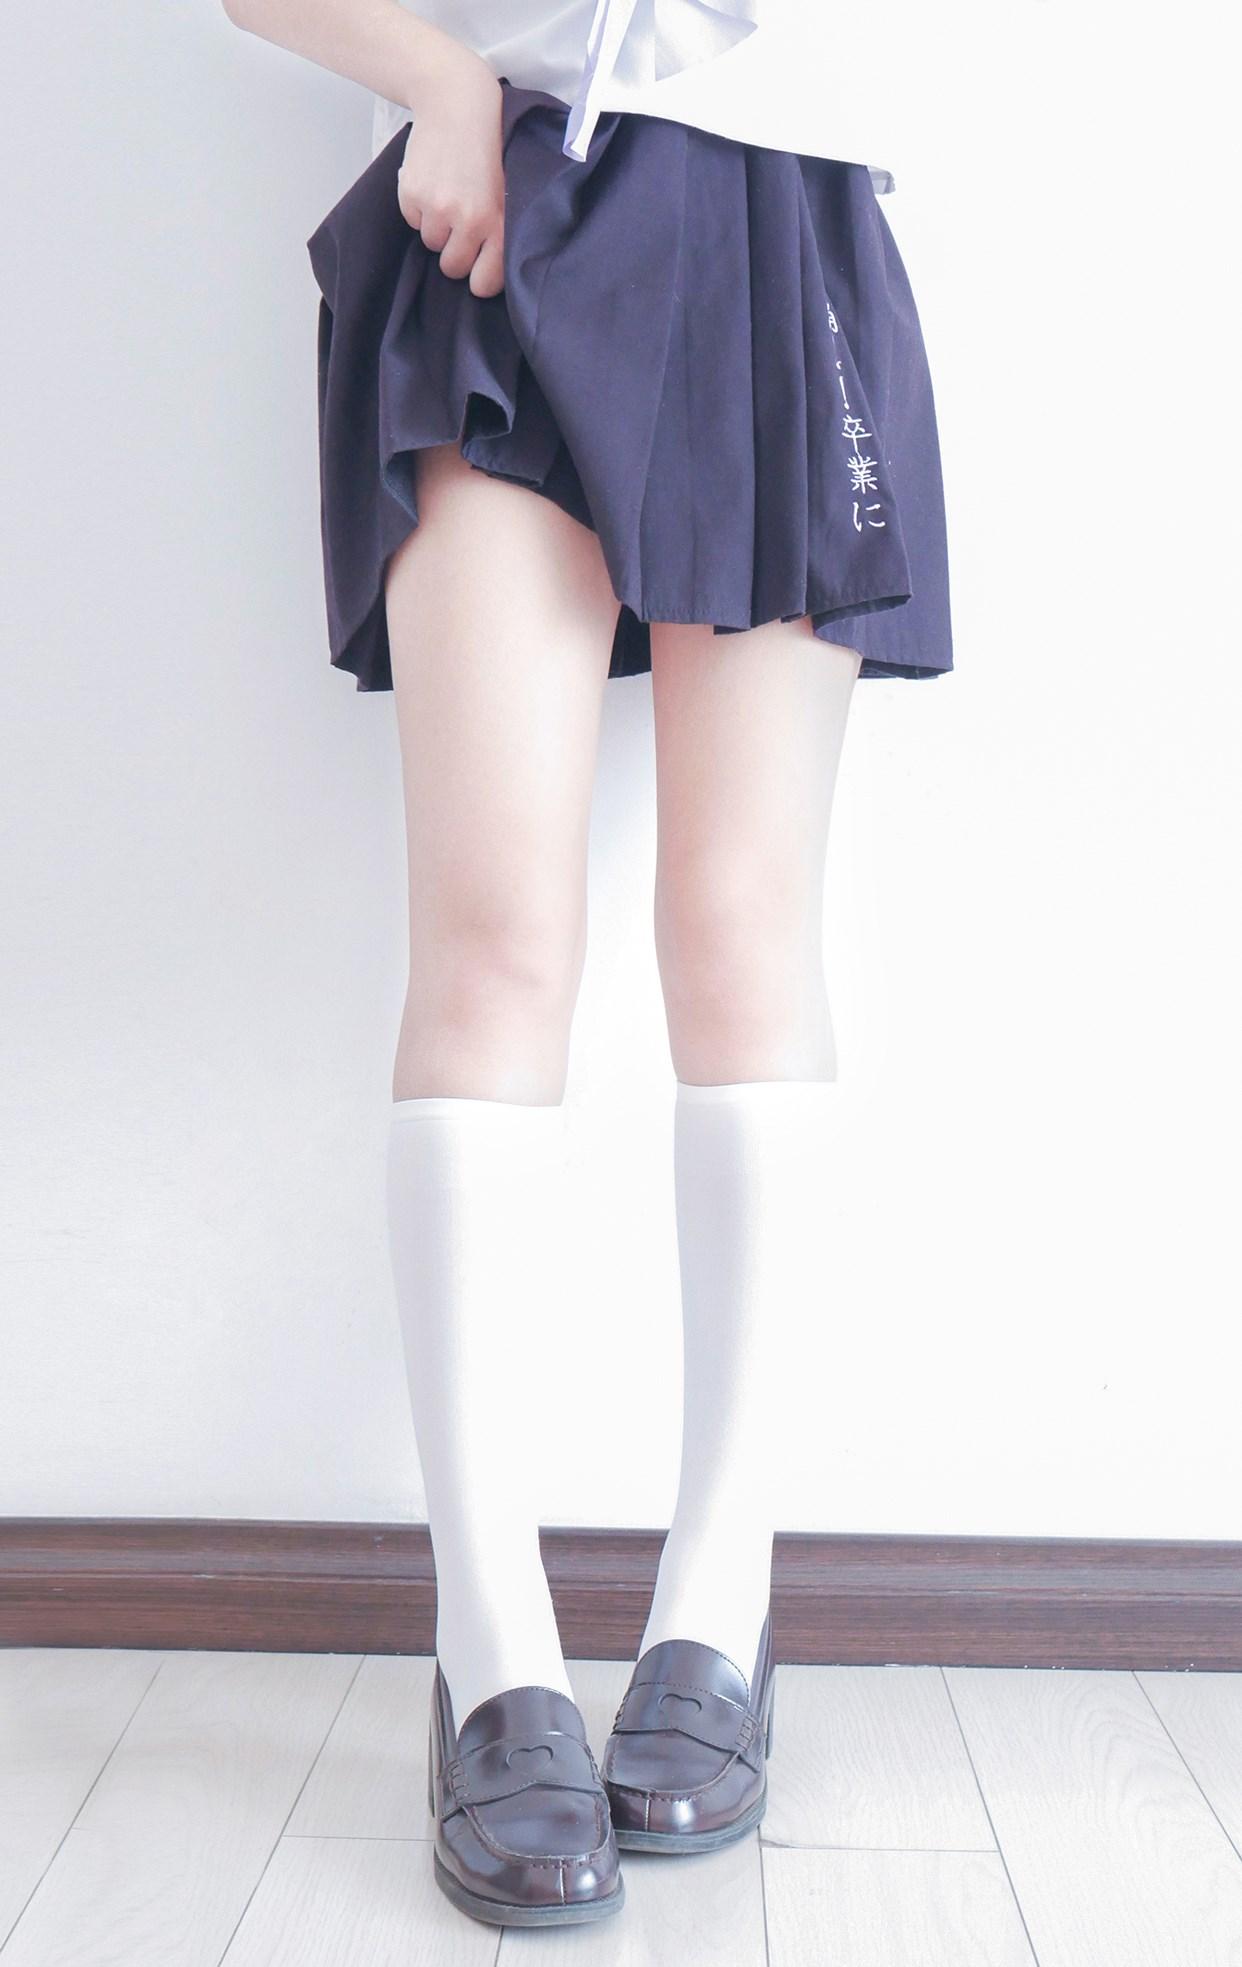 【兔玩映画】白白白半筒袜 兔玩映画 第13张